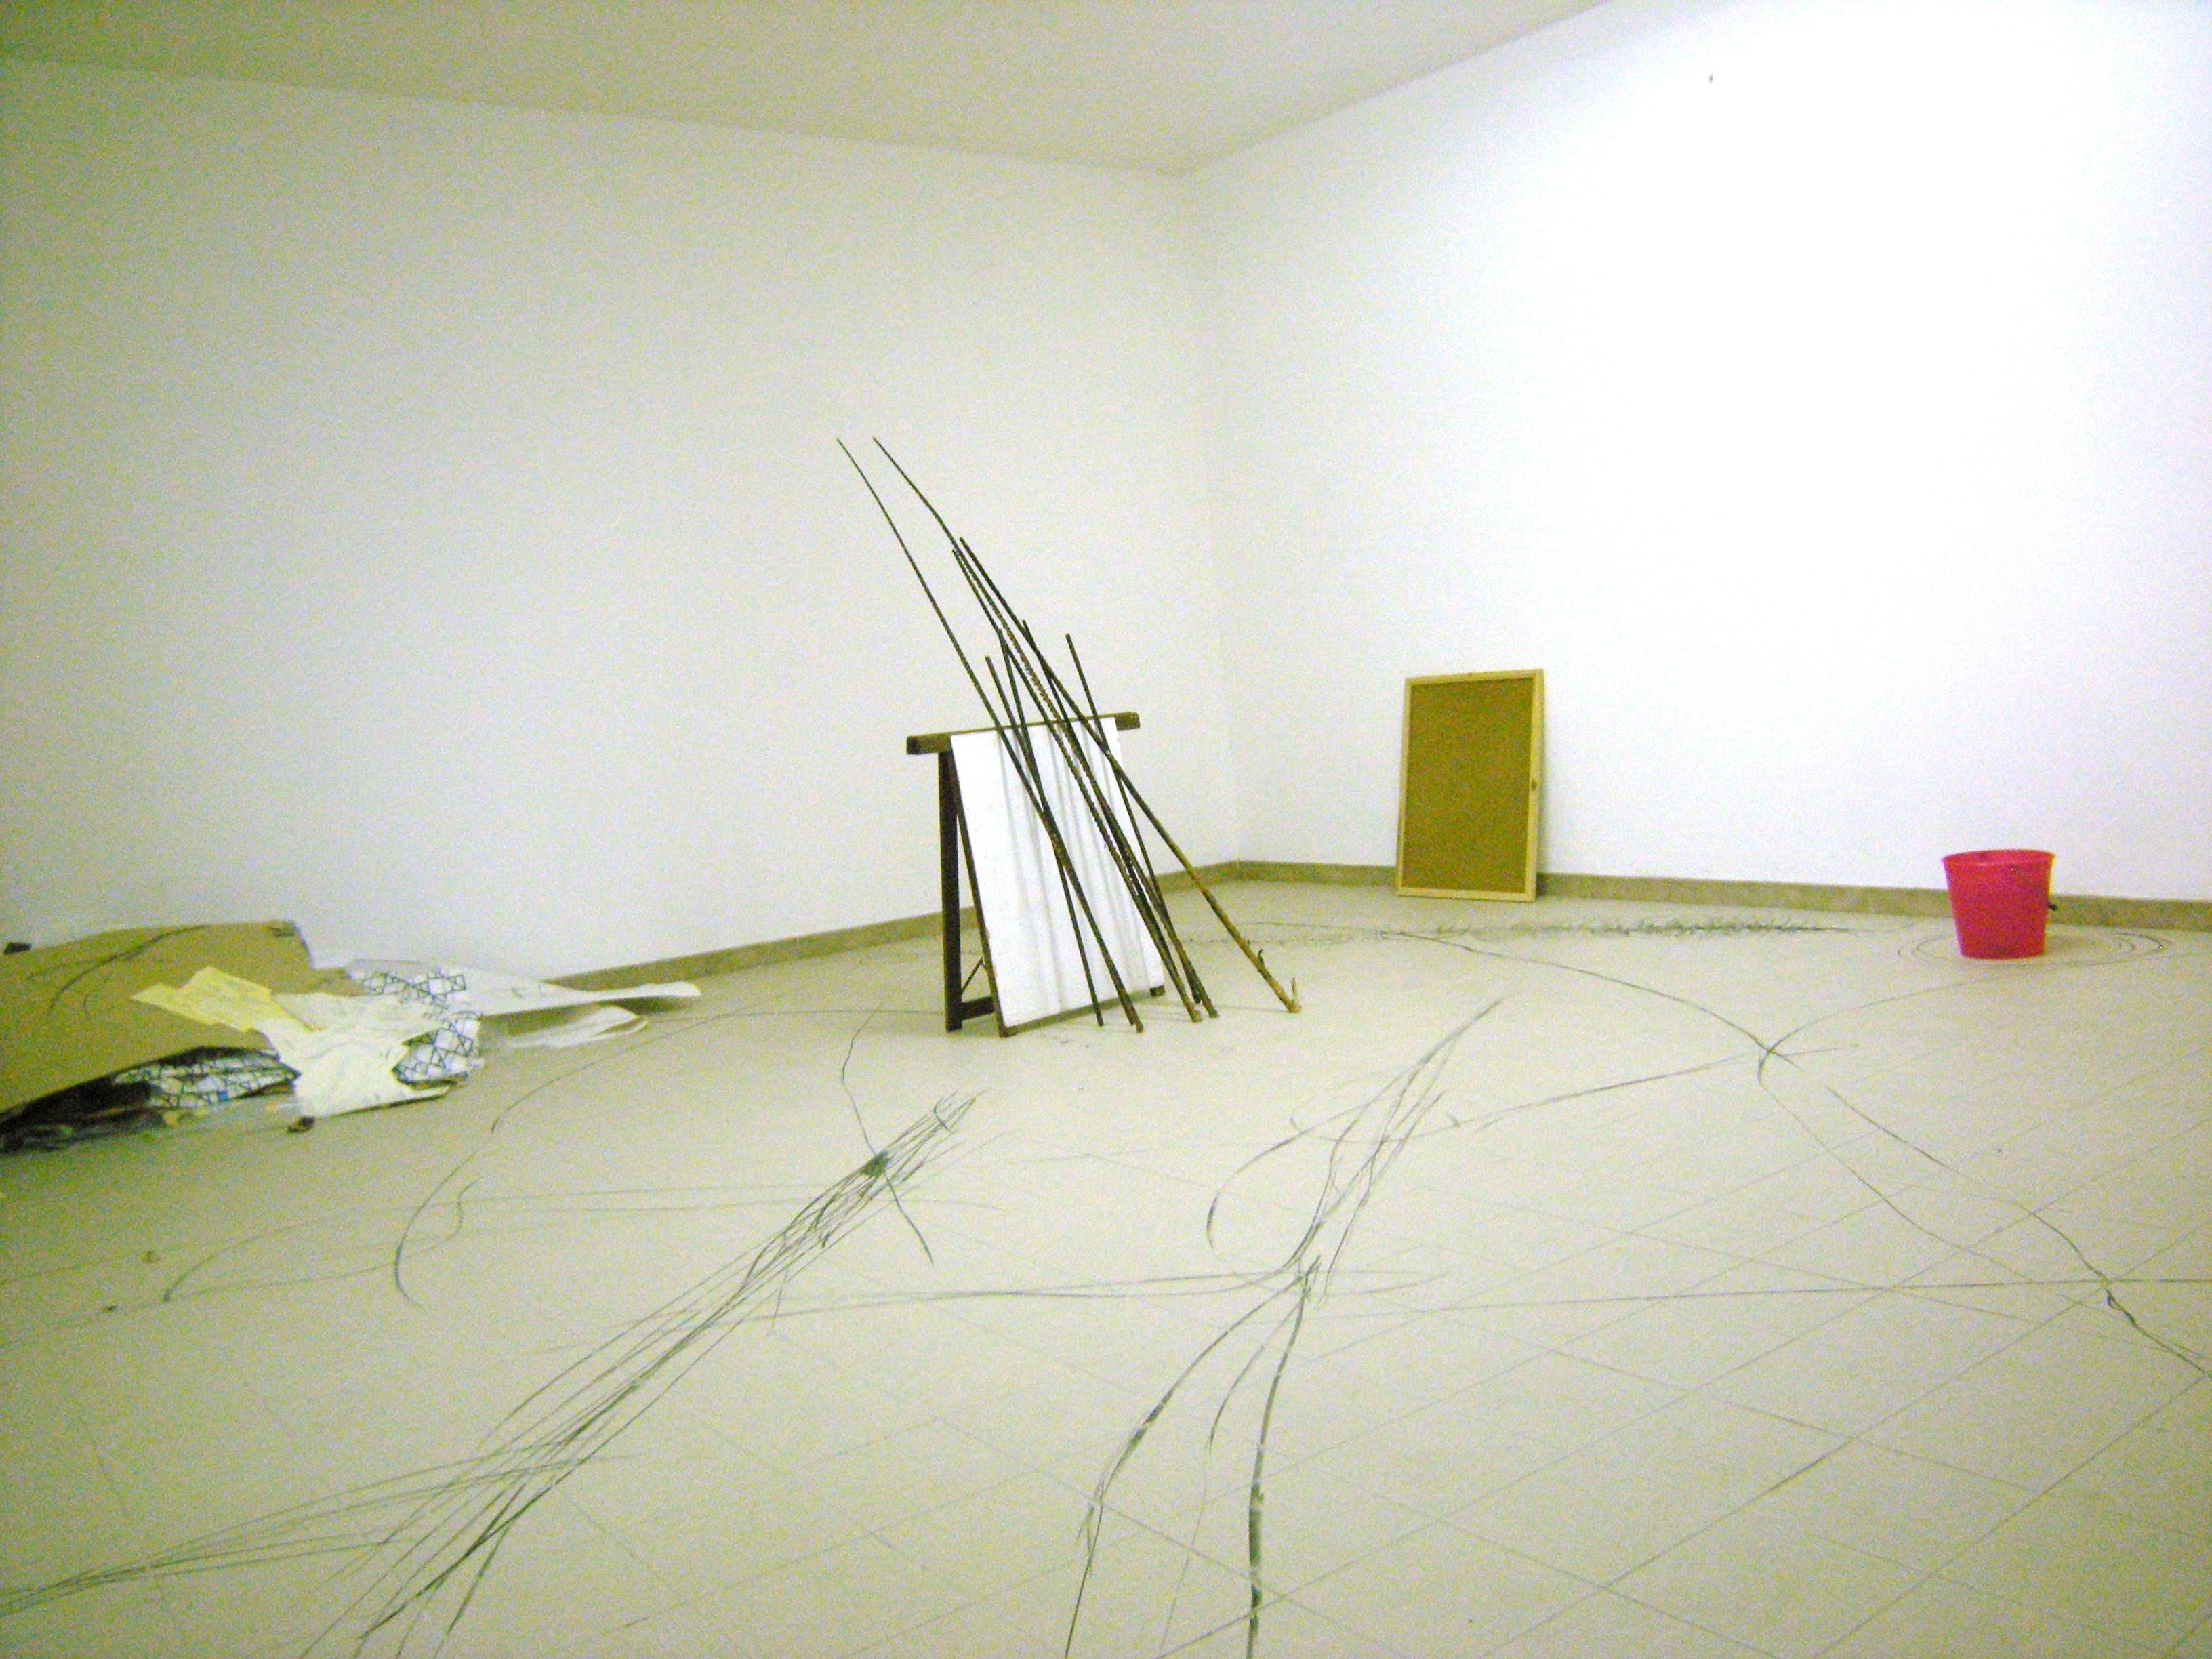 Dicrocoelium Dendriticum, installation view MACC, Calasetta. 2010